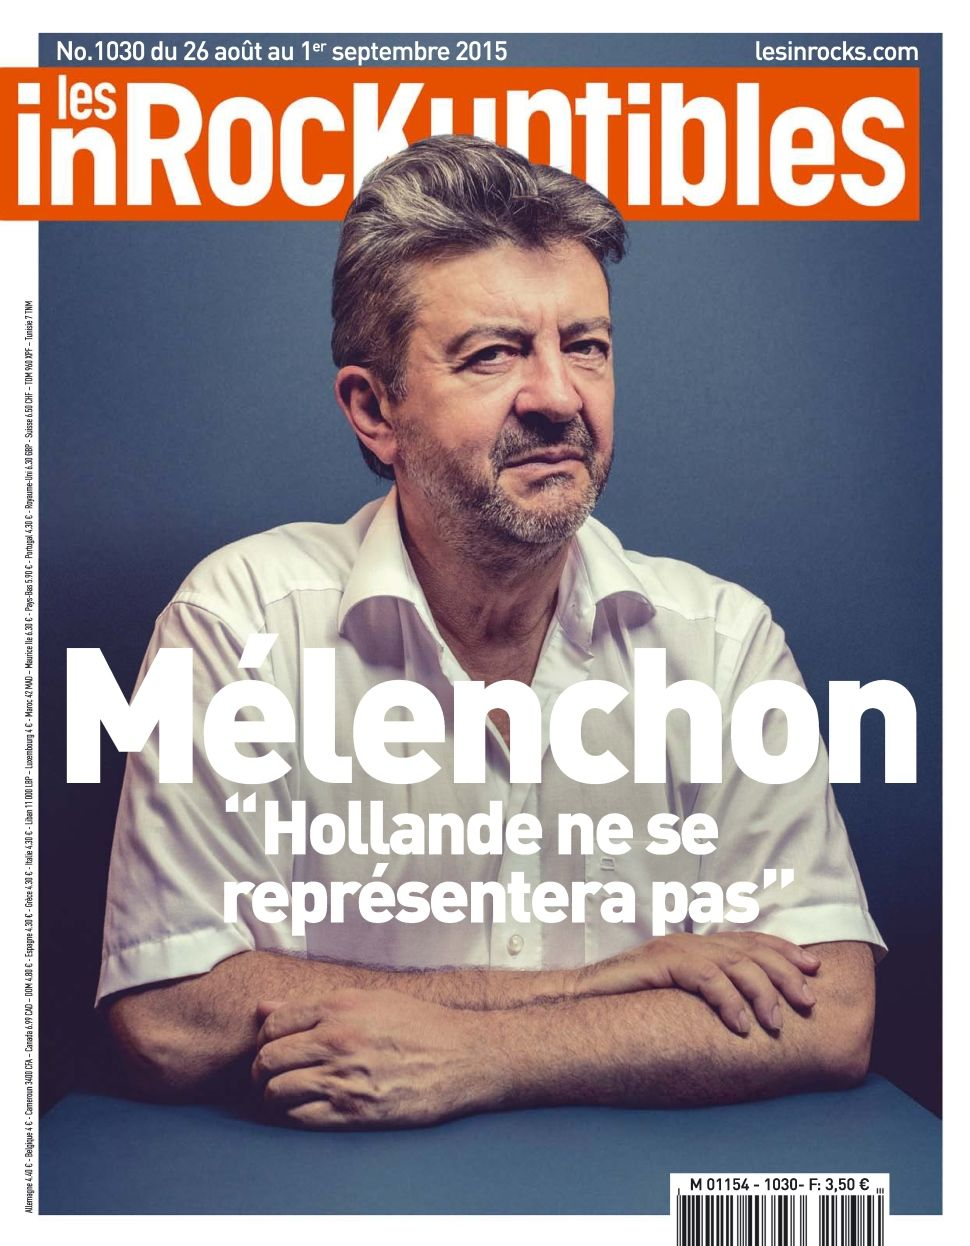 Les Inrockuptibles 1028 - 26 Aout au 1er Septembre 2015